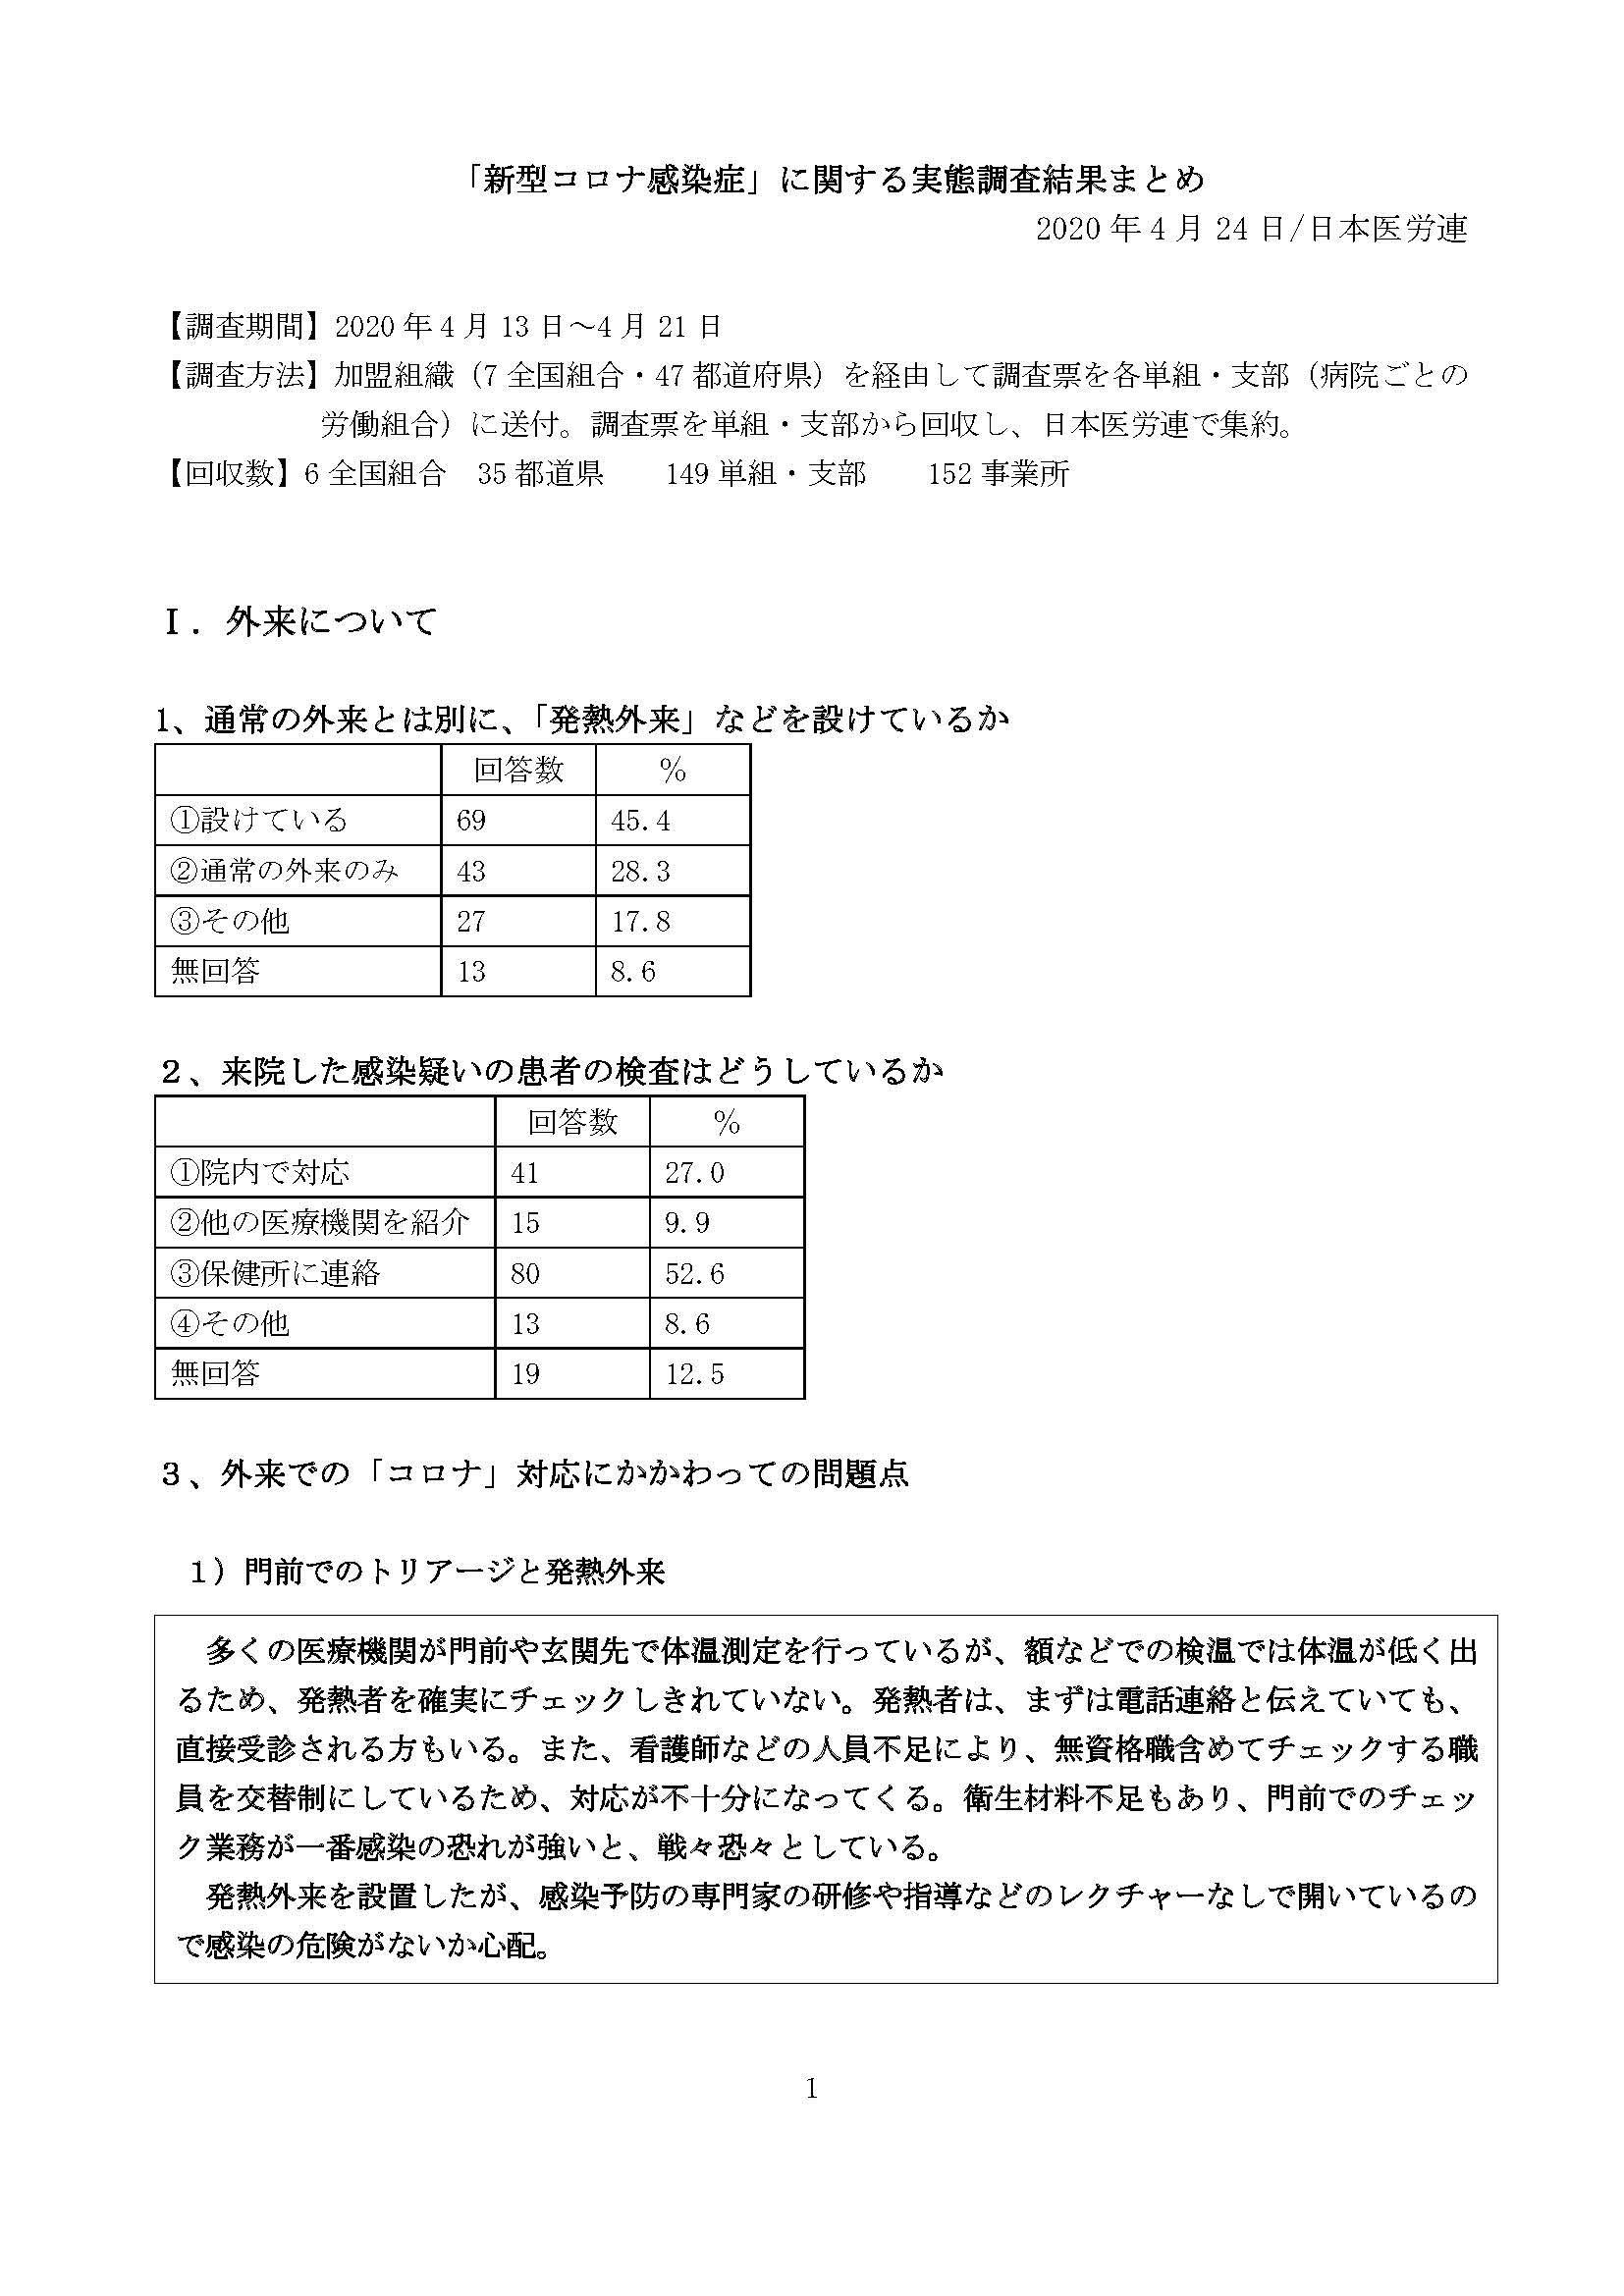 http://irouren.or.jp/news/0a475524febff29c533b1544de06341062c26949.jpg